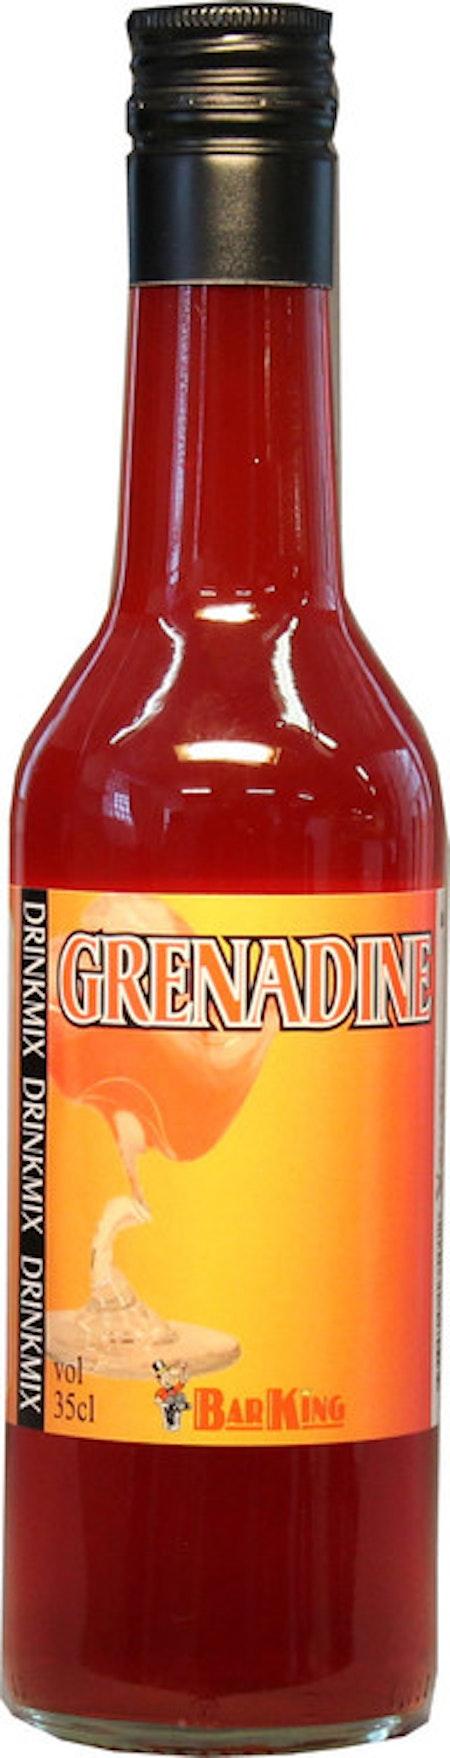 DRINKMIX / GRENADINE 35 CL